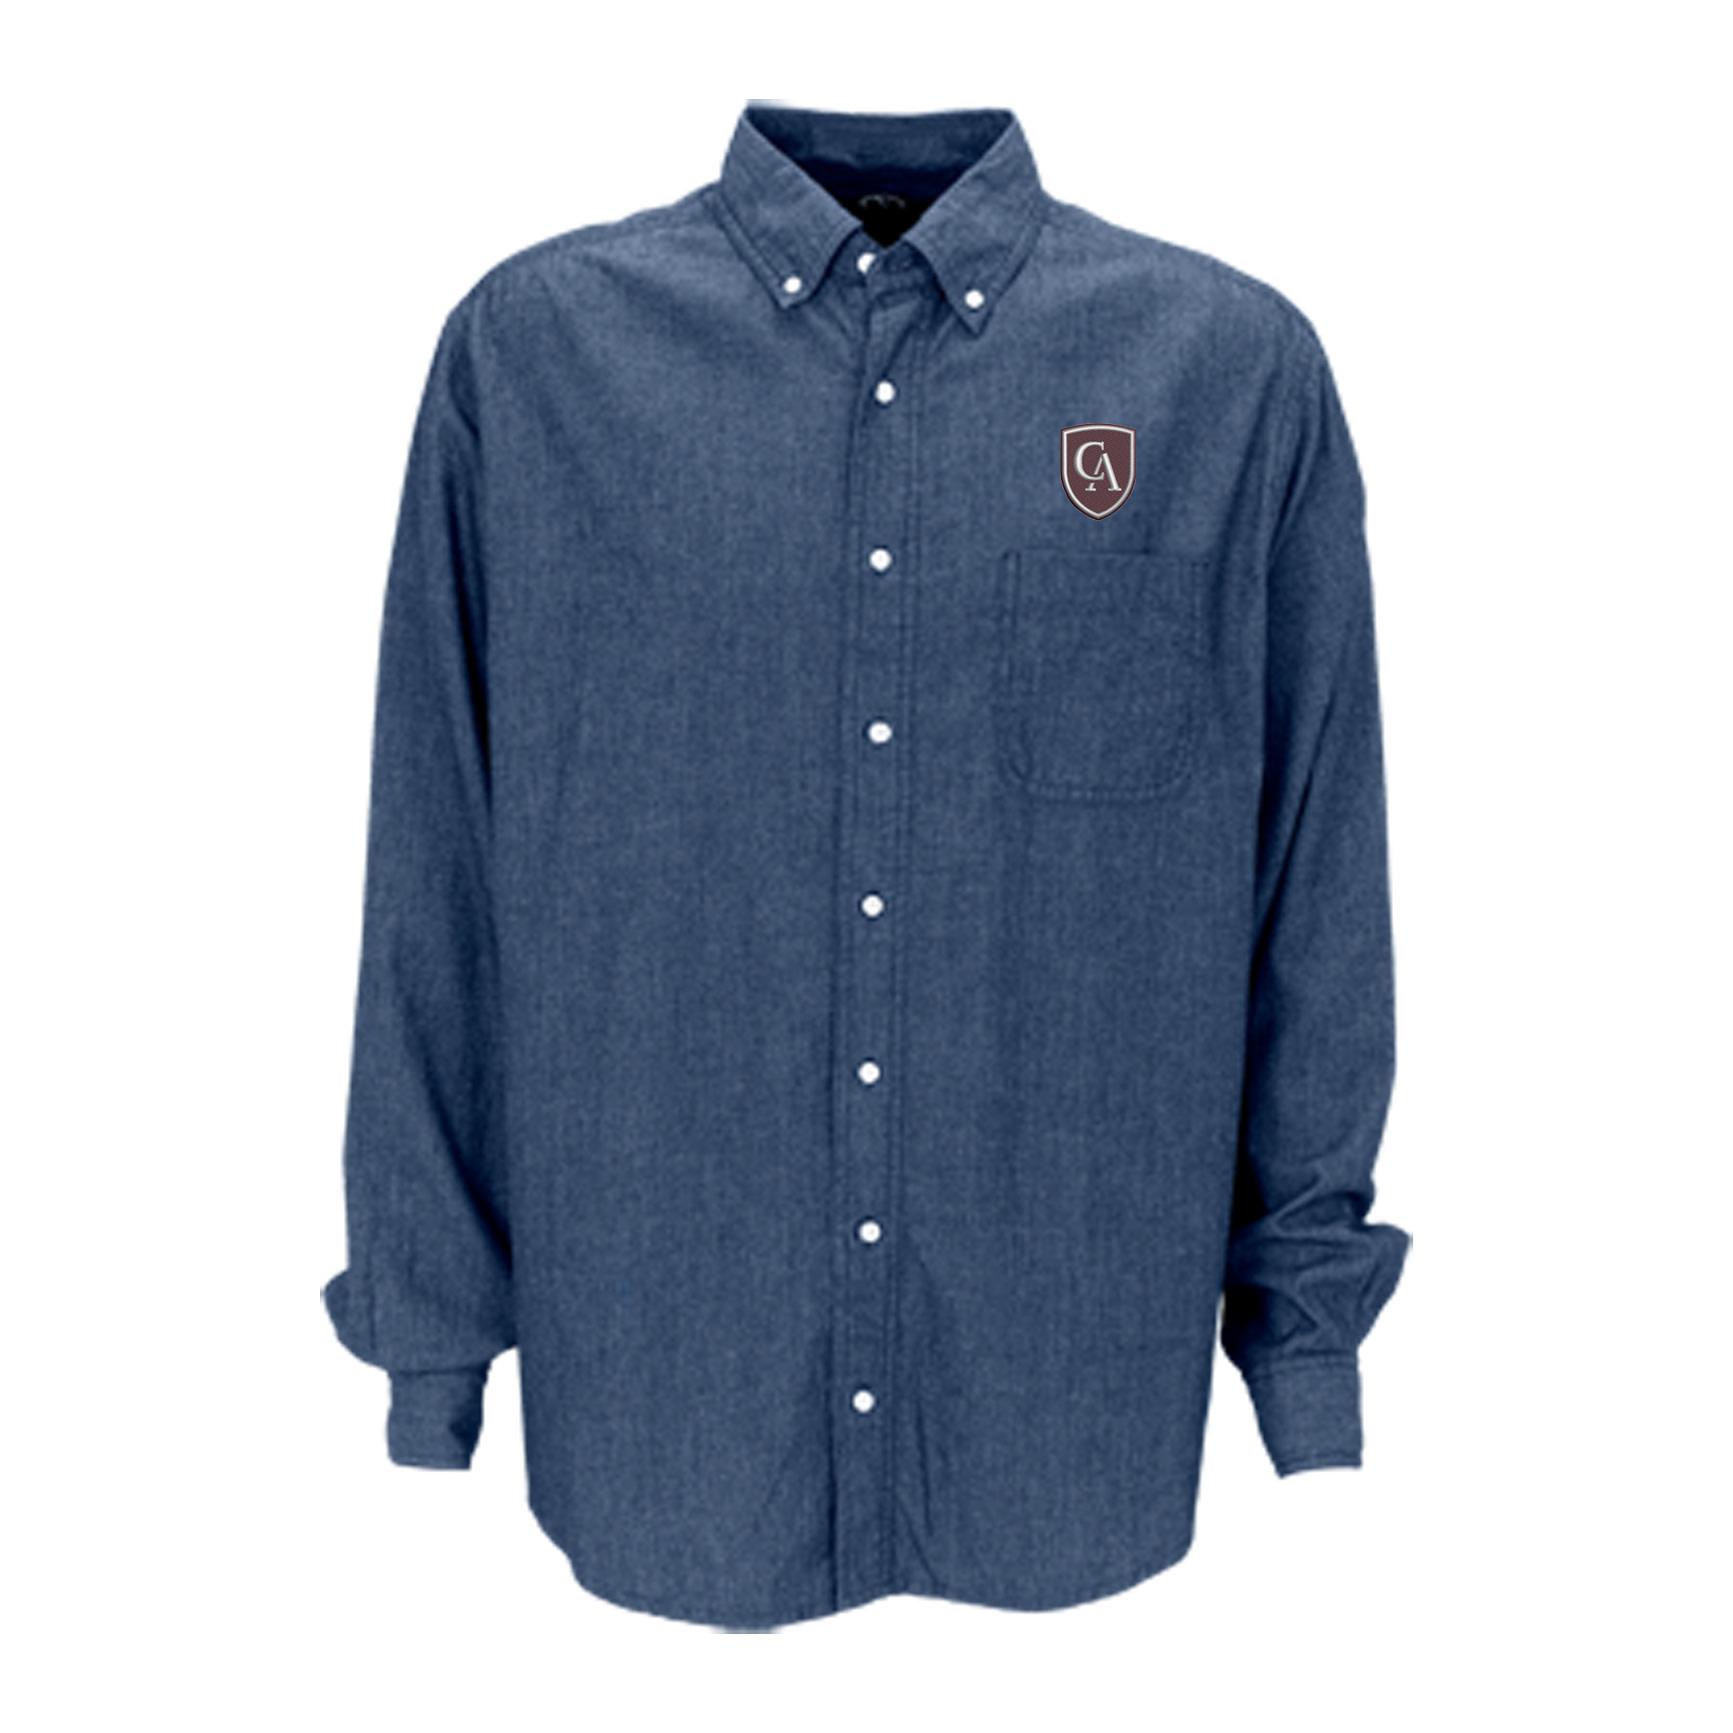 Vantage Vantage Men's Hudson Denim Shirt #1977